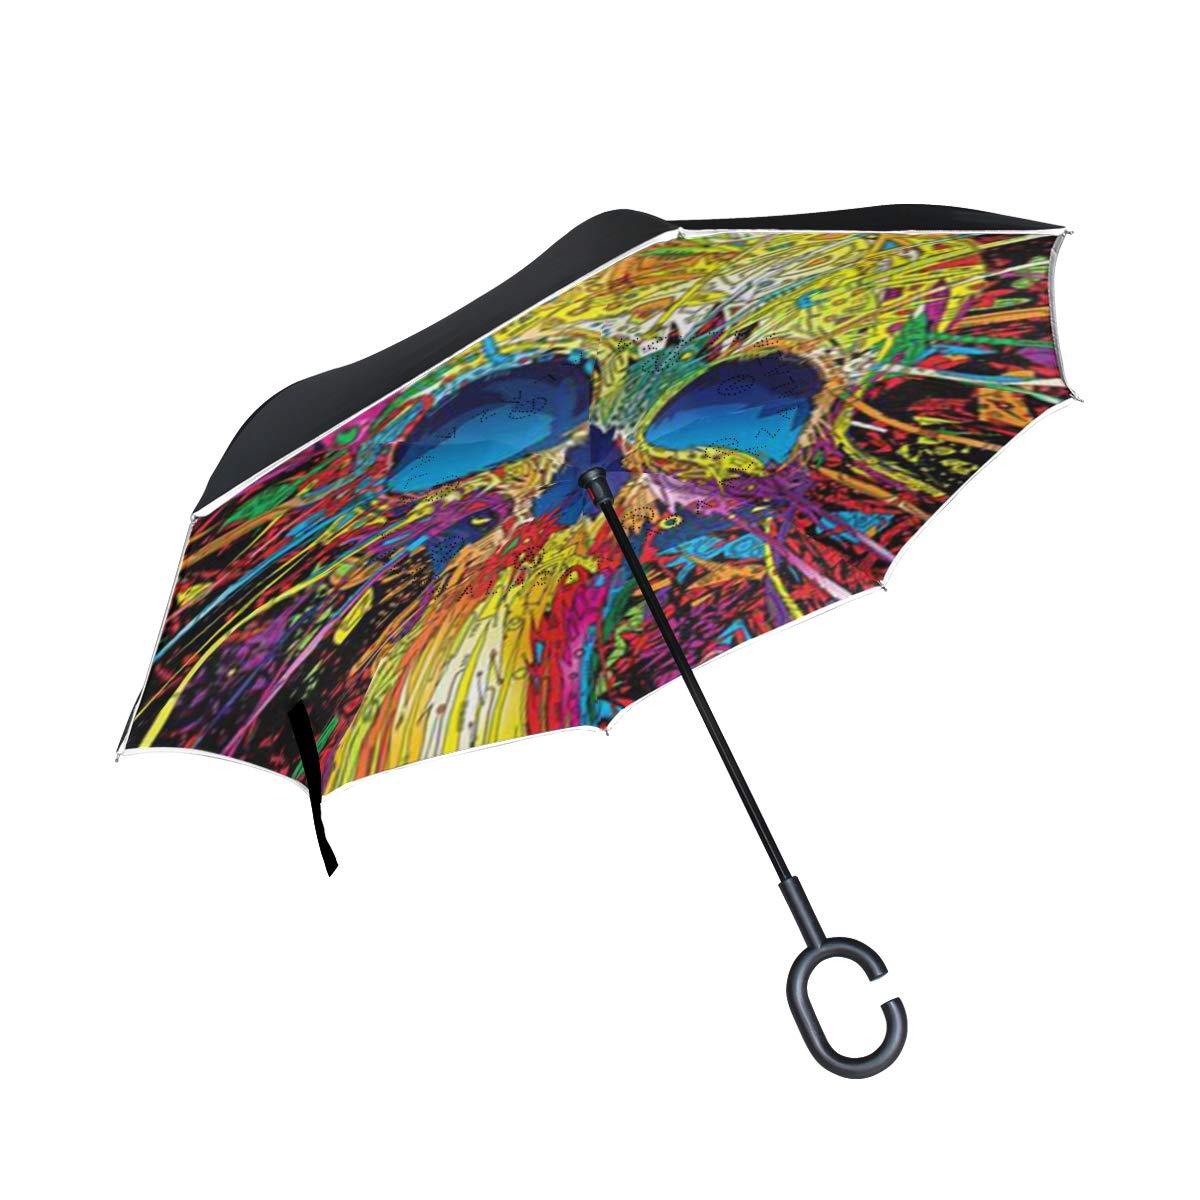 All agree 逆傘 カラフル スカル 逆さ傘 リバーシブル ゴルフ 車 旅行 雨 アウトドア ブラック One Size カラー2 B07HT6RWZ5